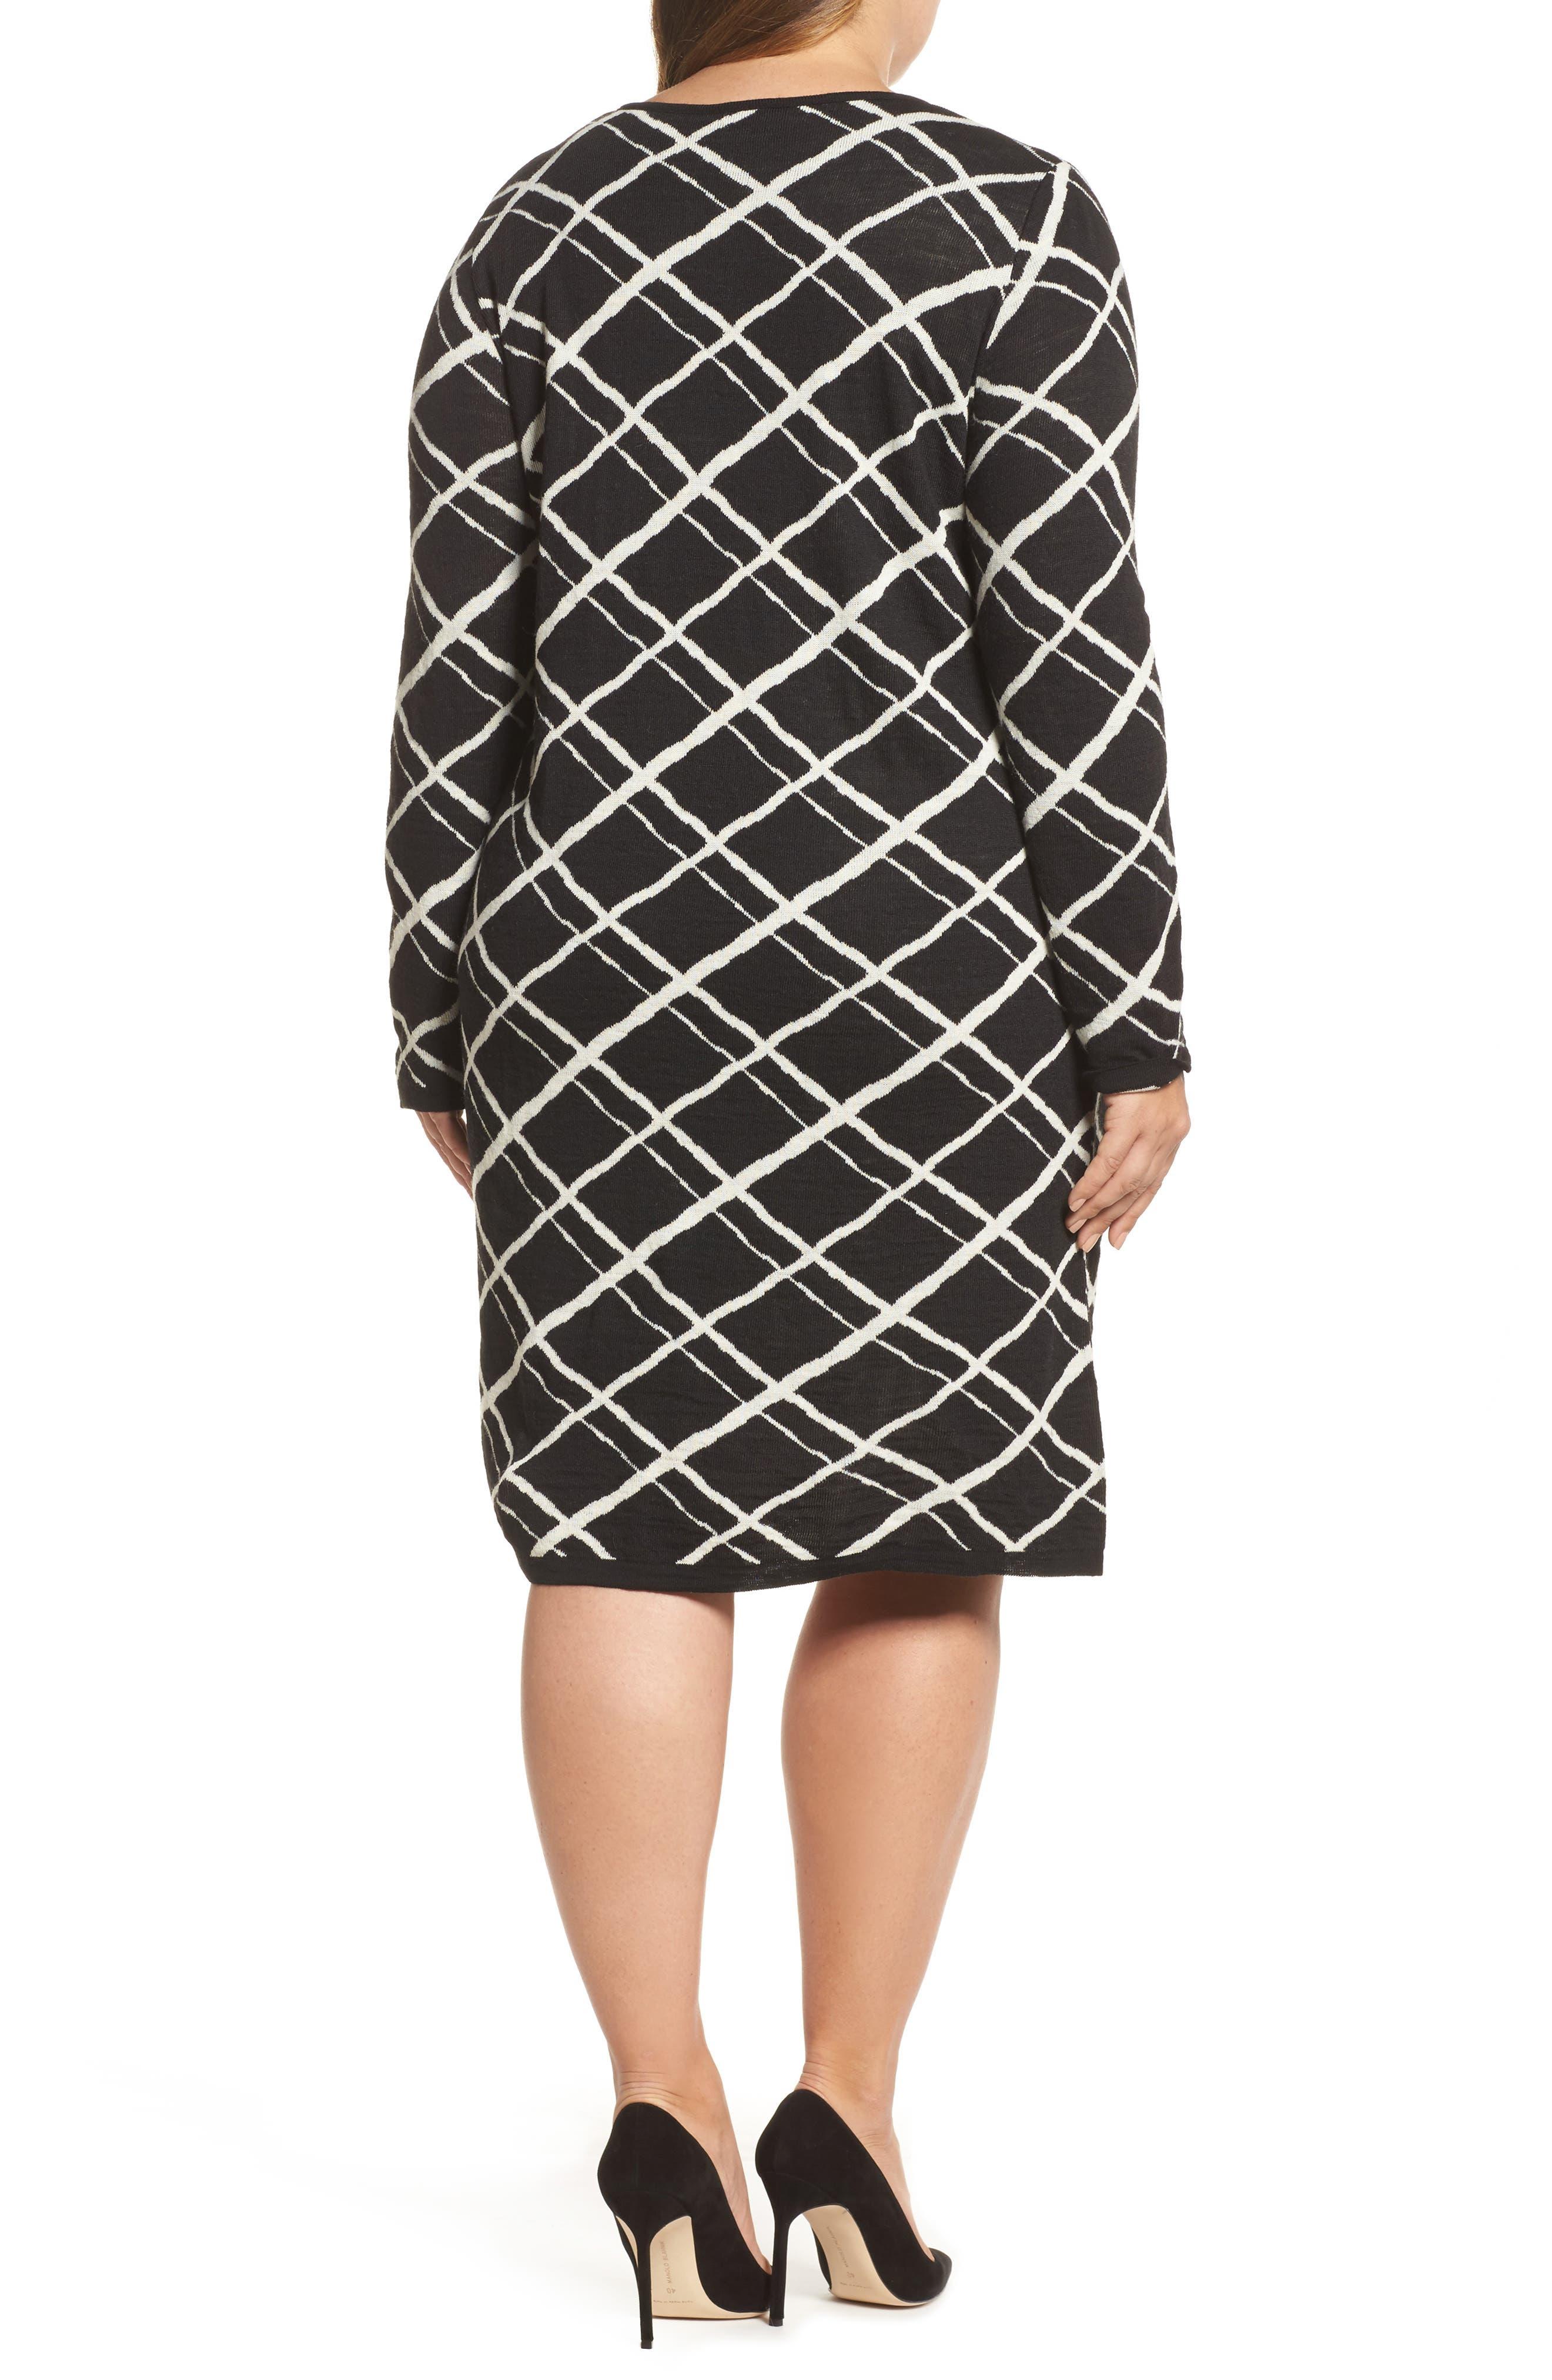 Alternate Image 2  - Persona by Marina Rinaldi Genesi Checkered Knit Dress (Plus Size)